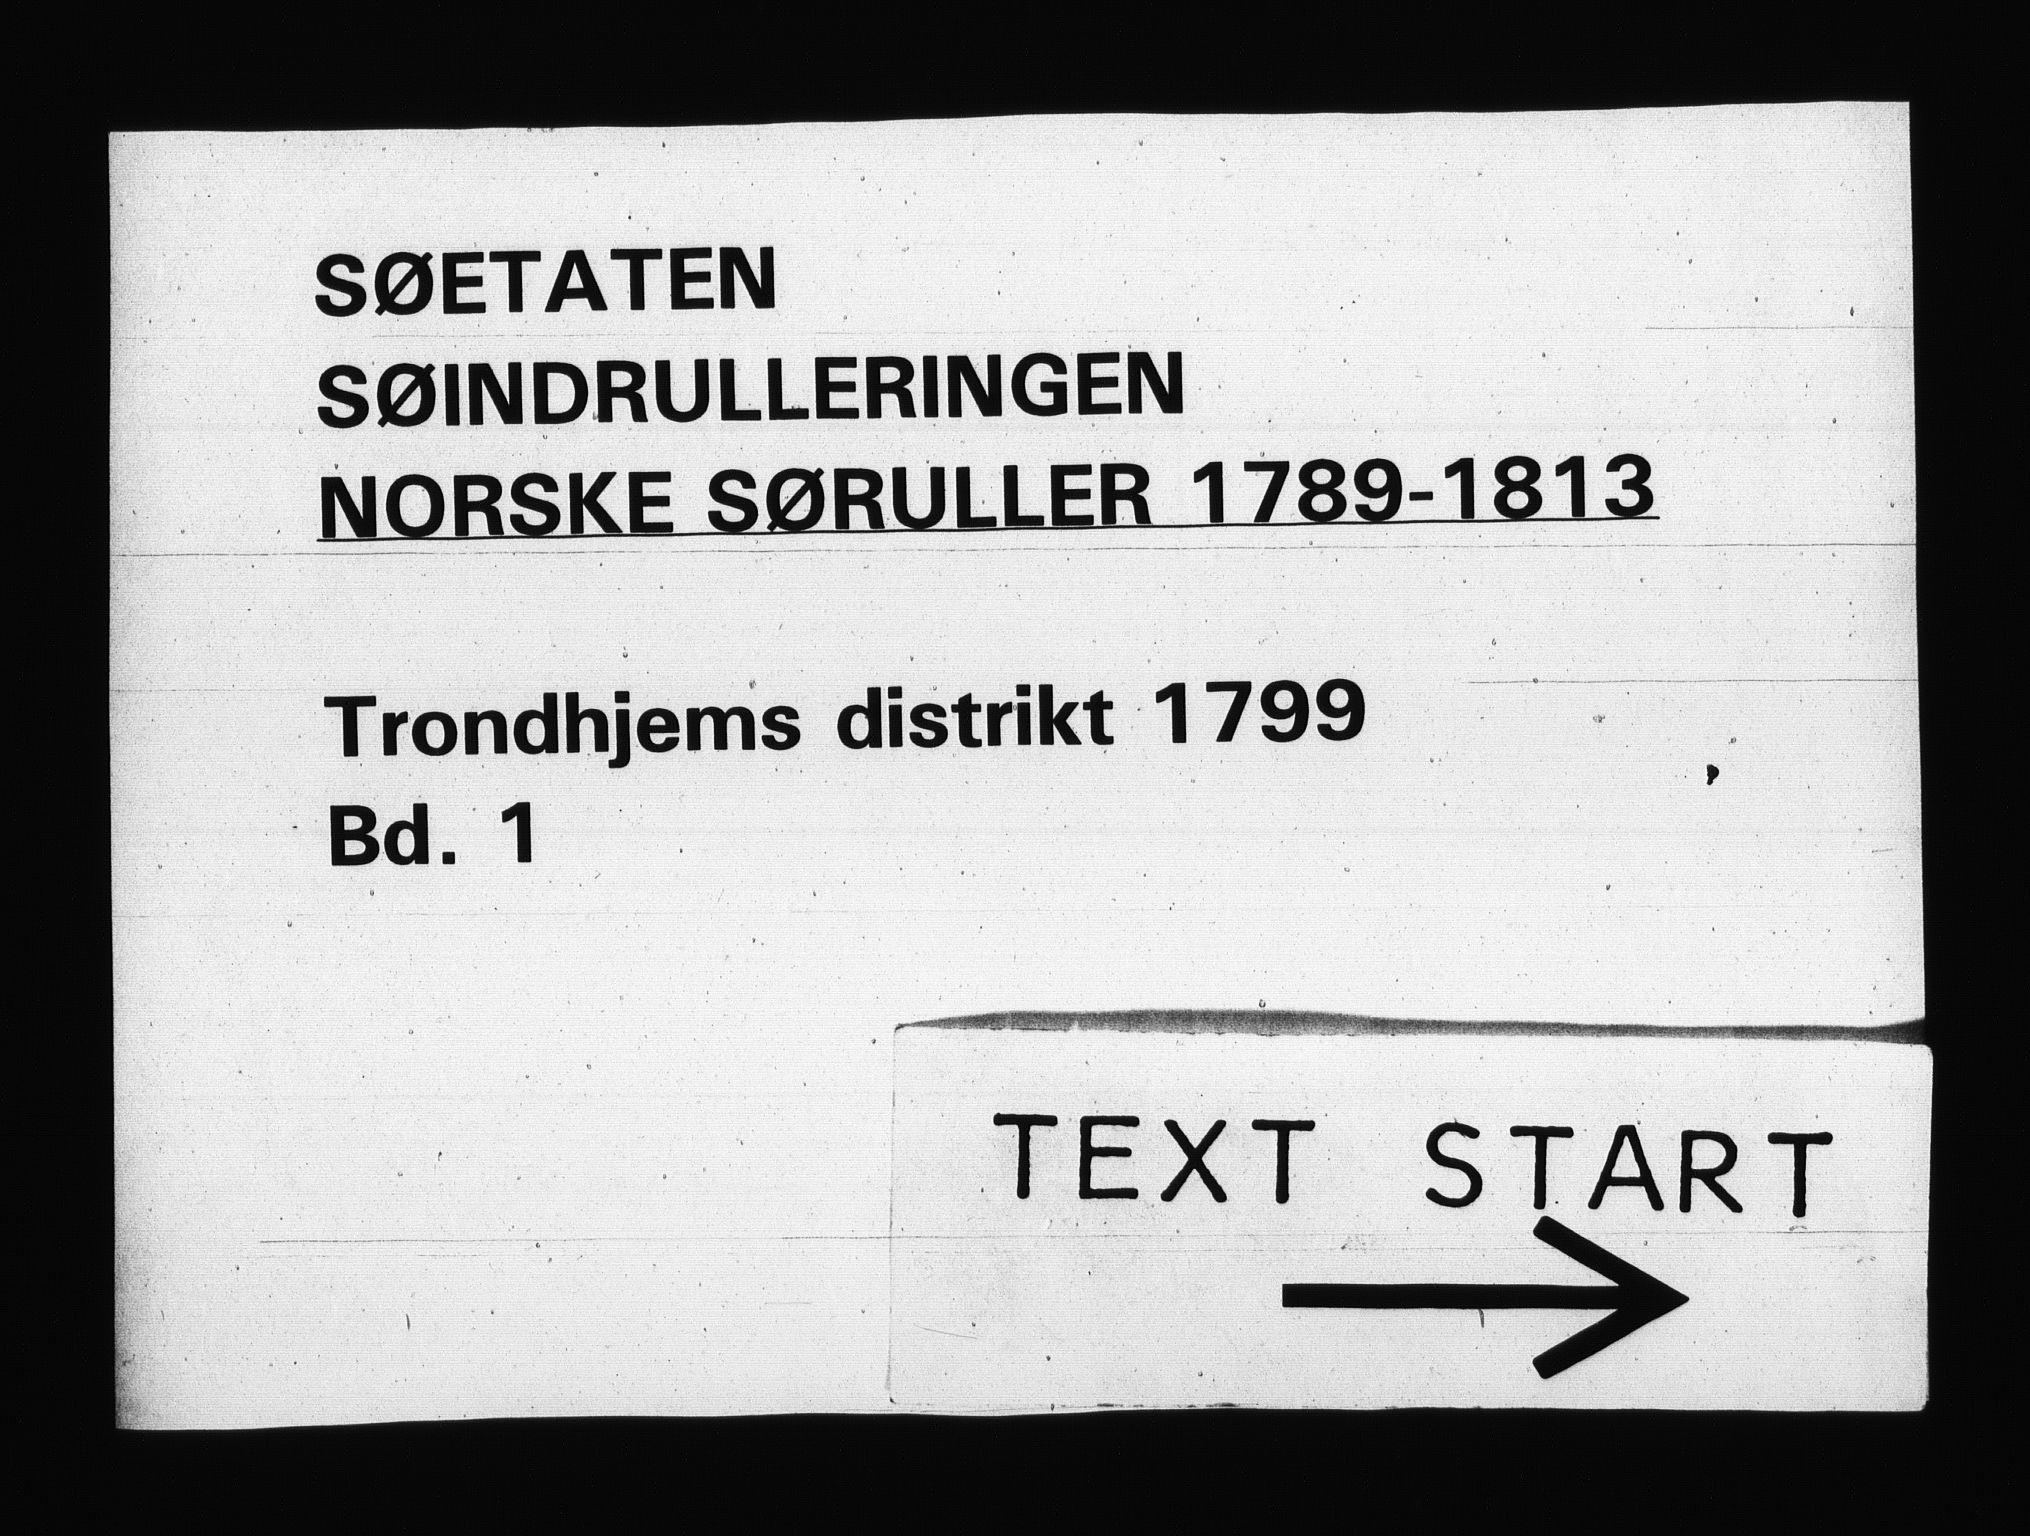 RA, Sjøetaten, F/L0315: Trondheim distrikt, bind 1, 1799